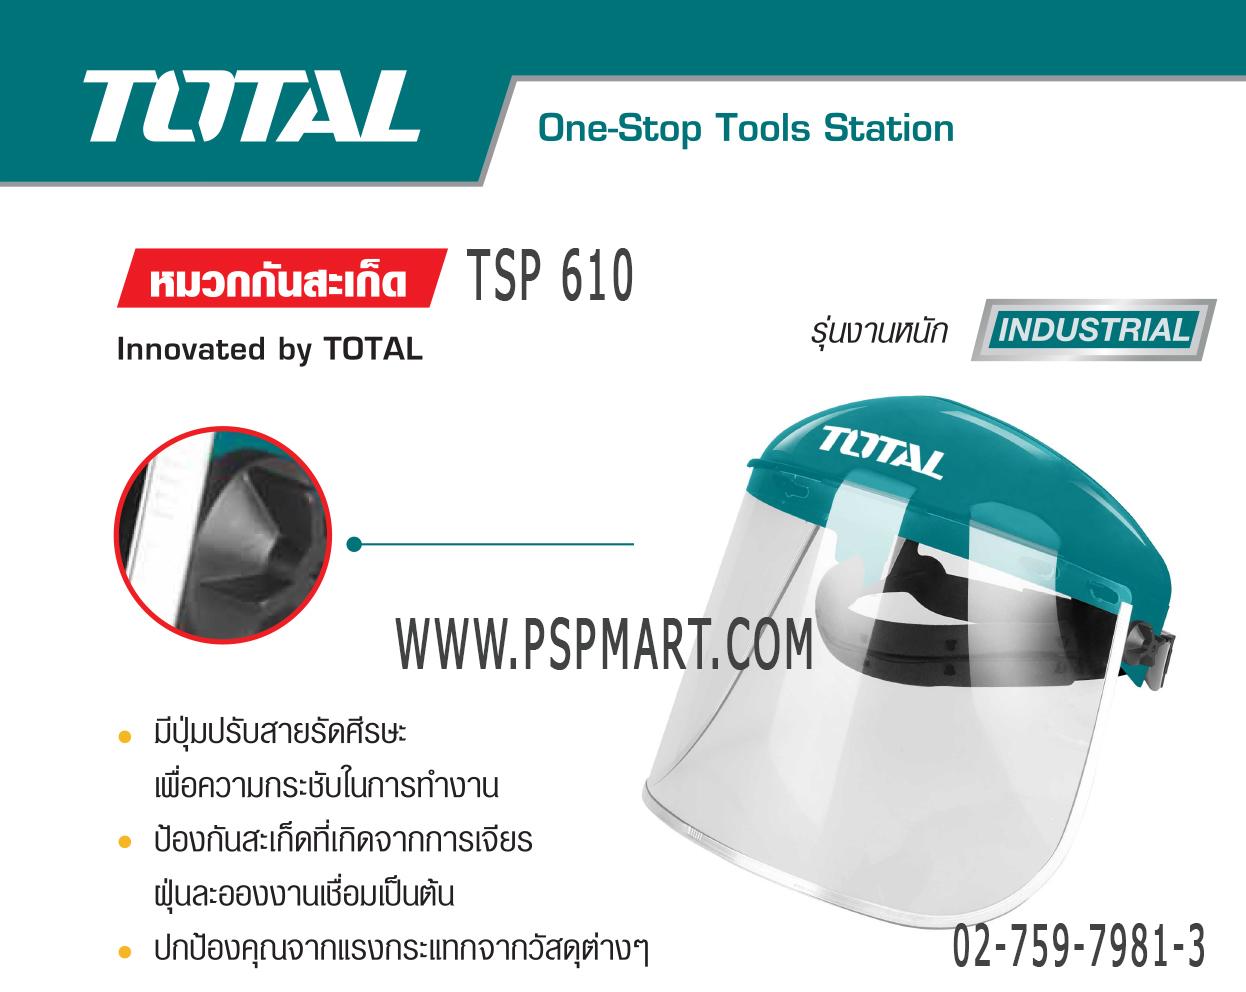 หน้ากากกันสะเก็ดTotal รุ่น TSP610